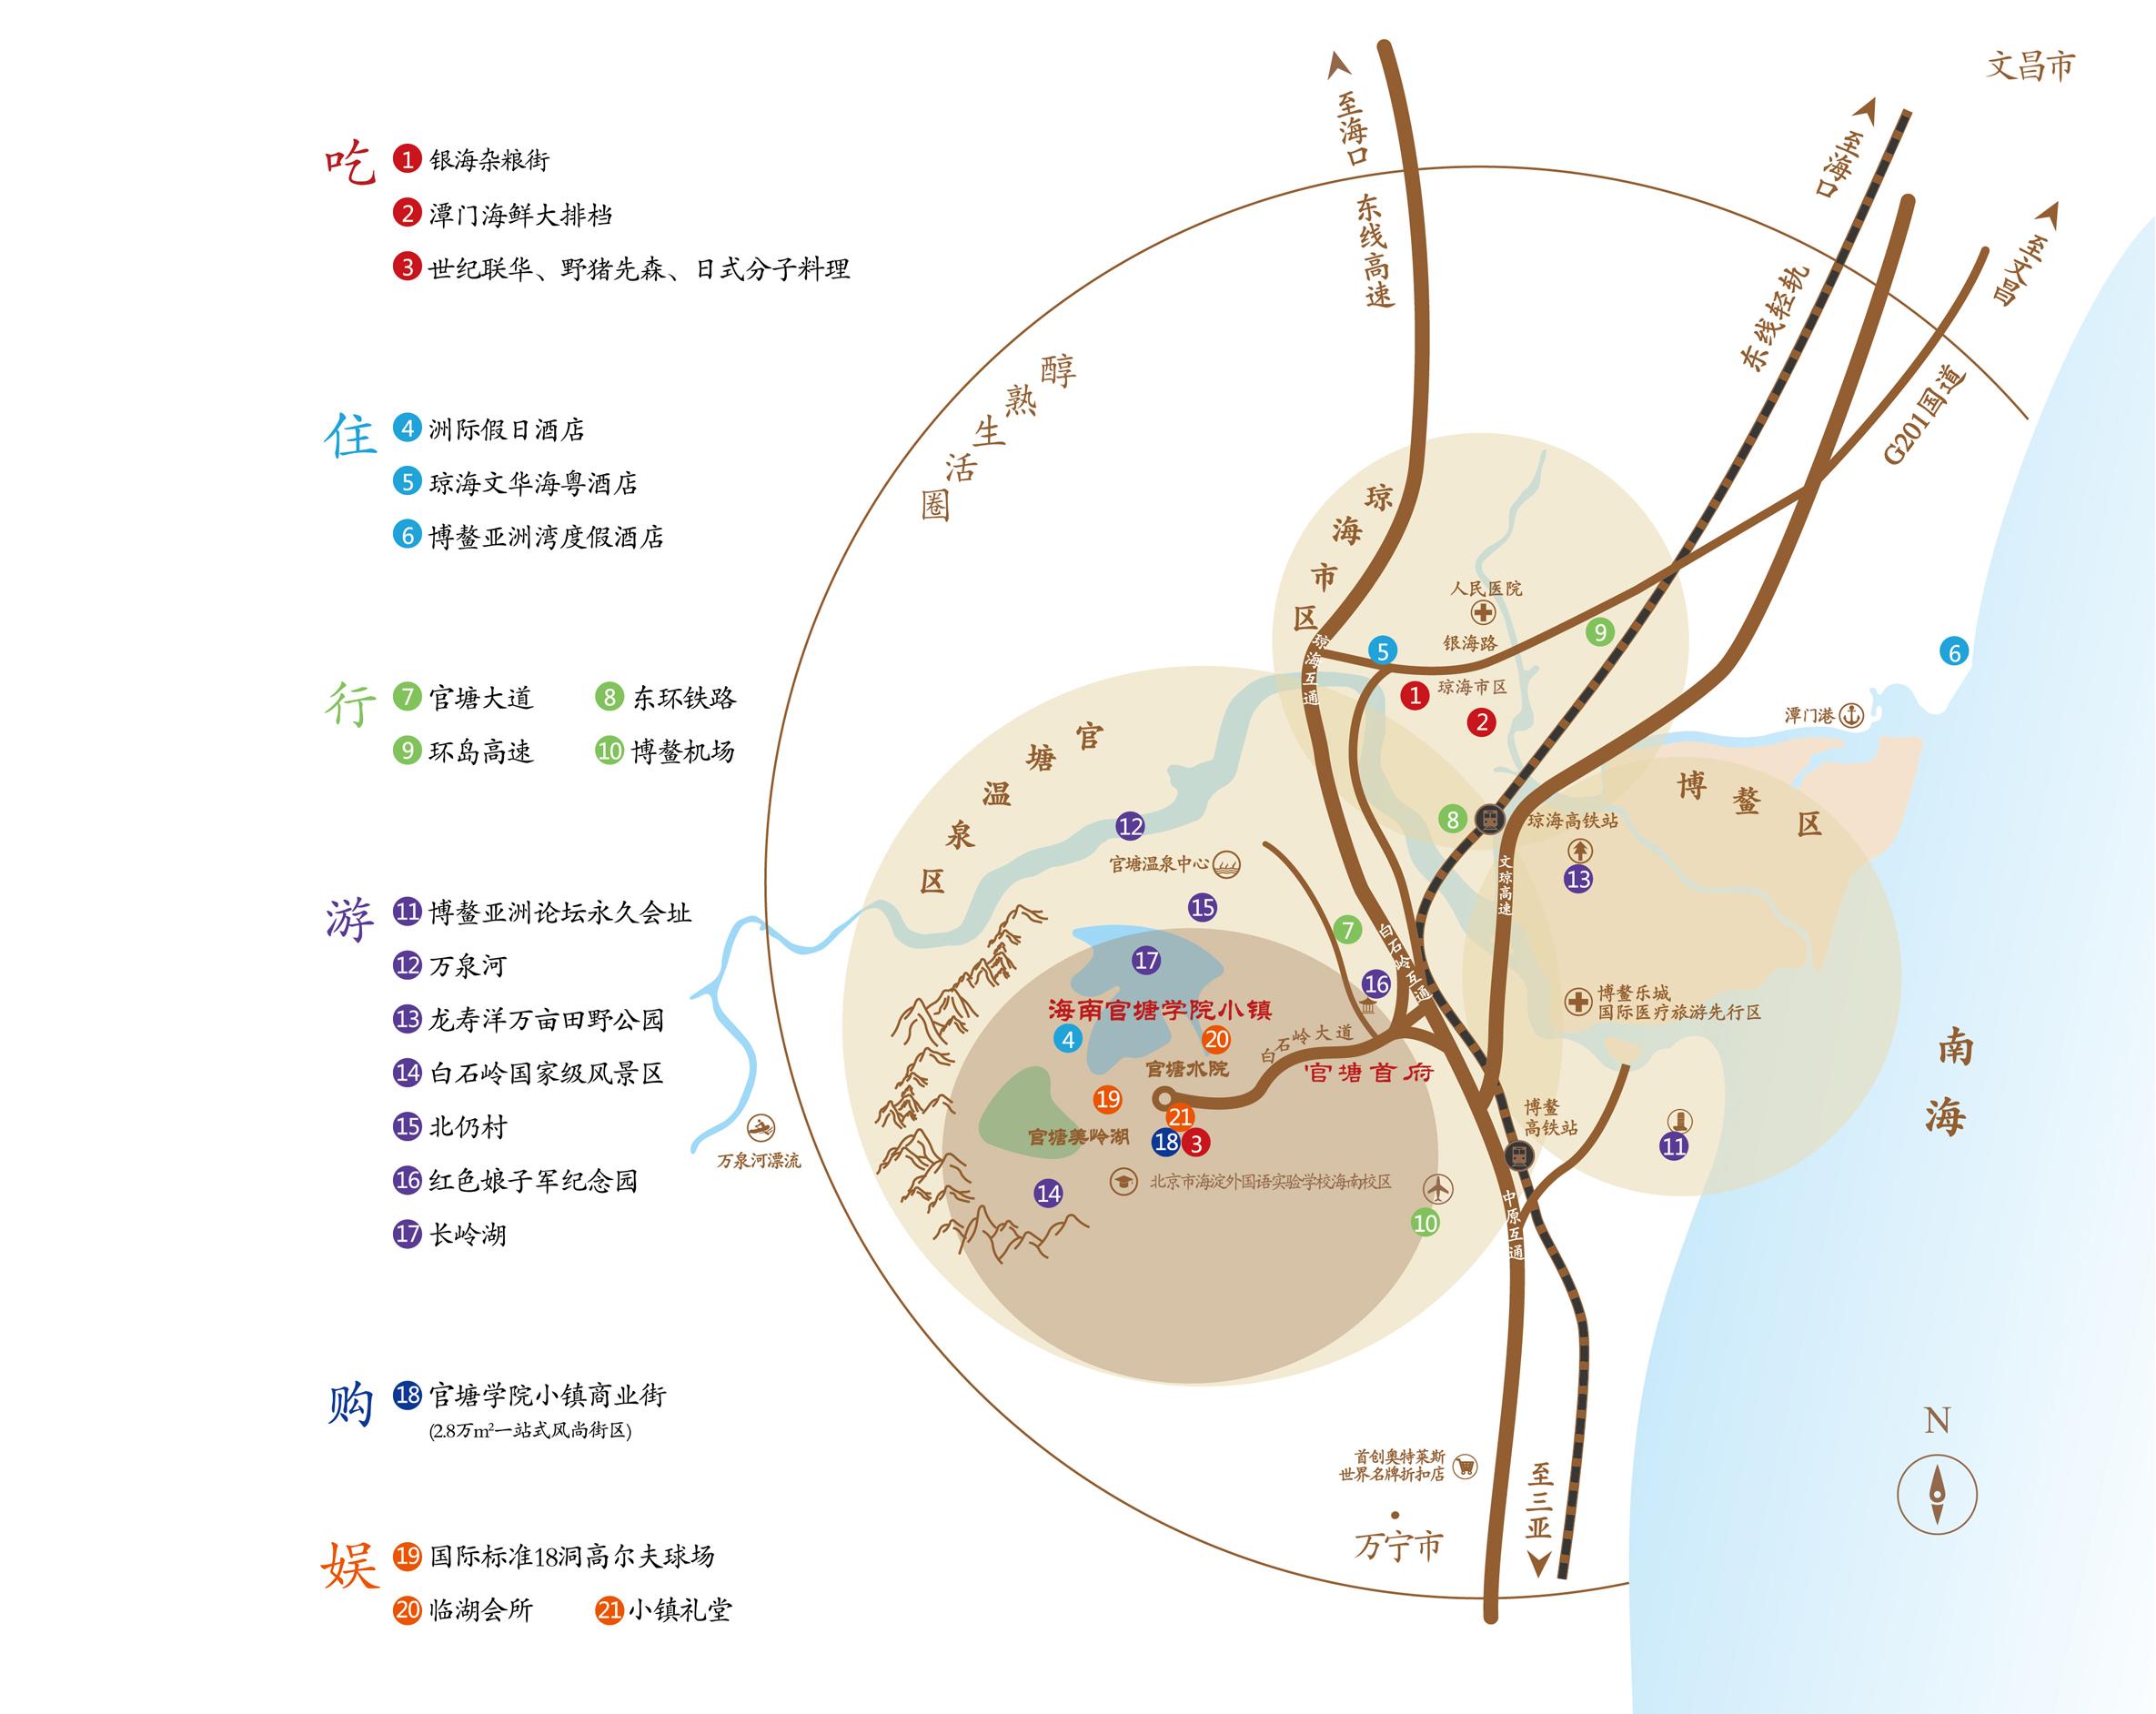 官塘学院小镇交通图